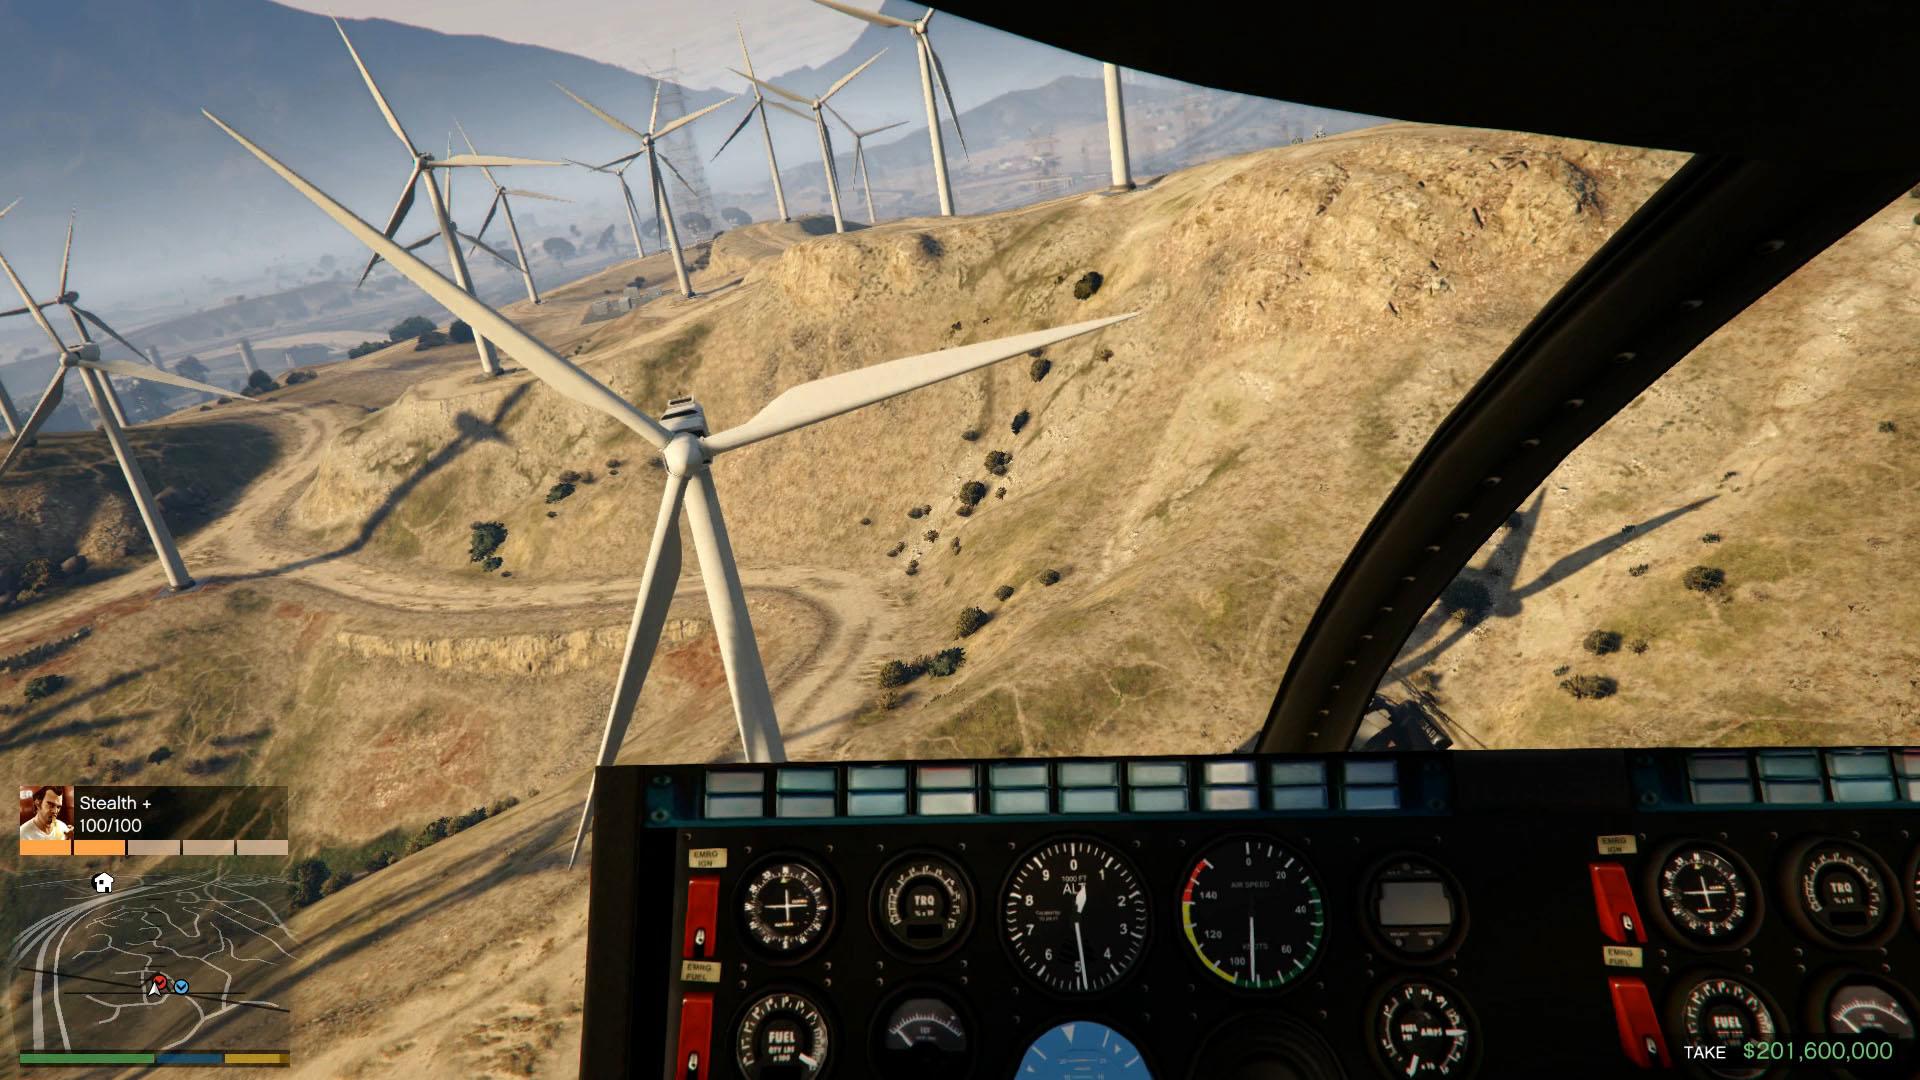 ムービーからスクリーンショットを切り出してみた。風力発電所の風車の間を進む。回る風車がものすごく怖い